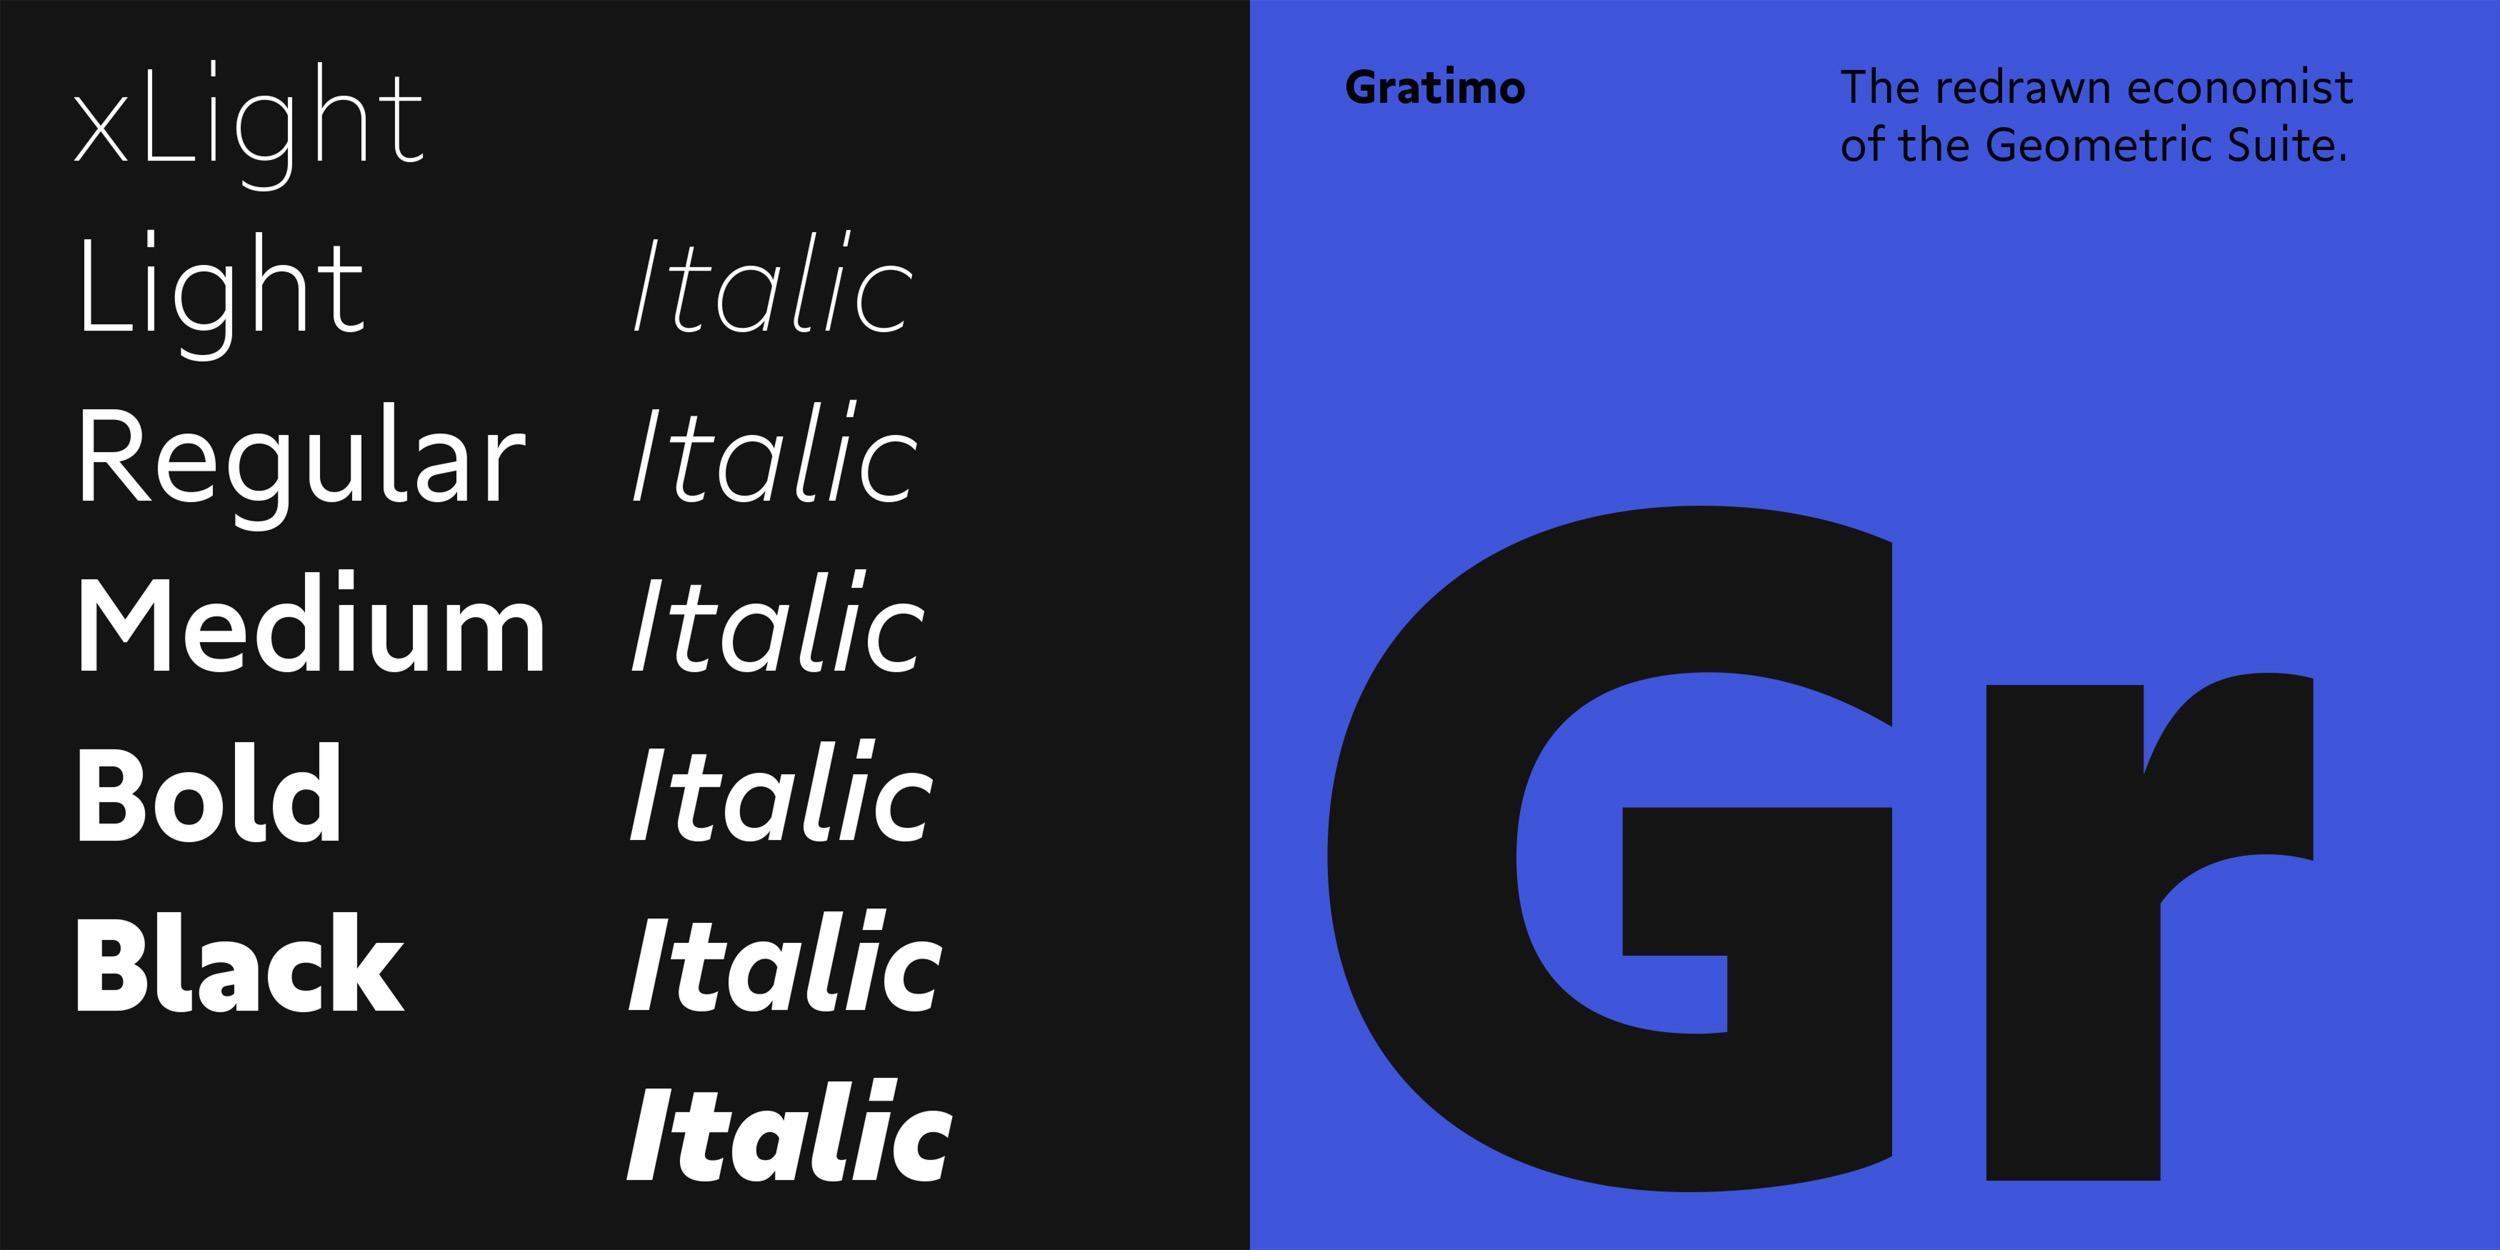 TypeMates-Grato-Gratimo-Classic-06